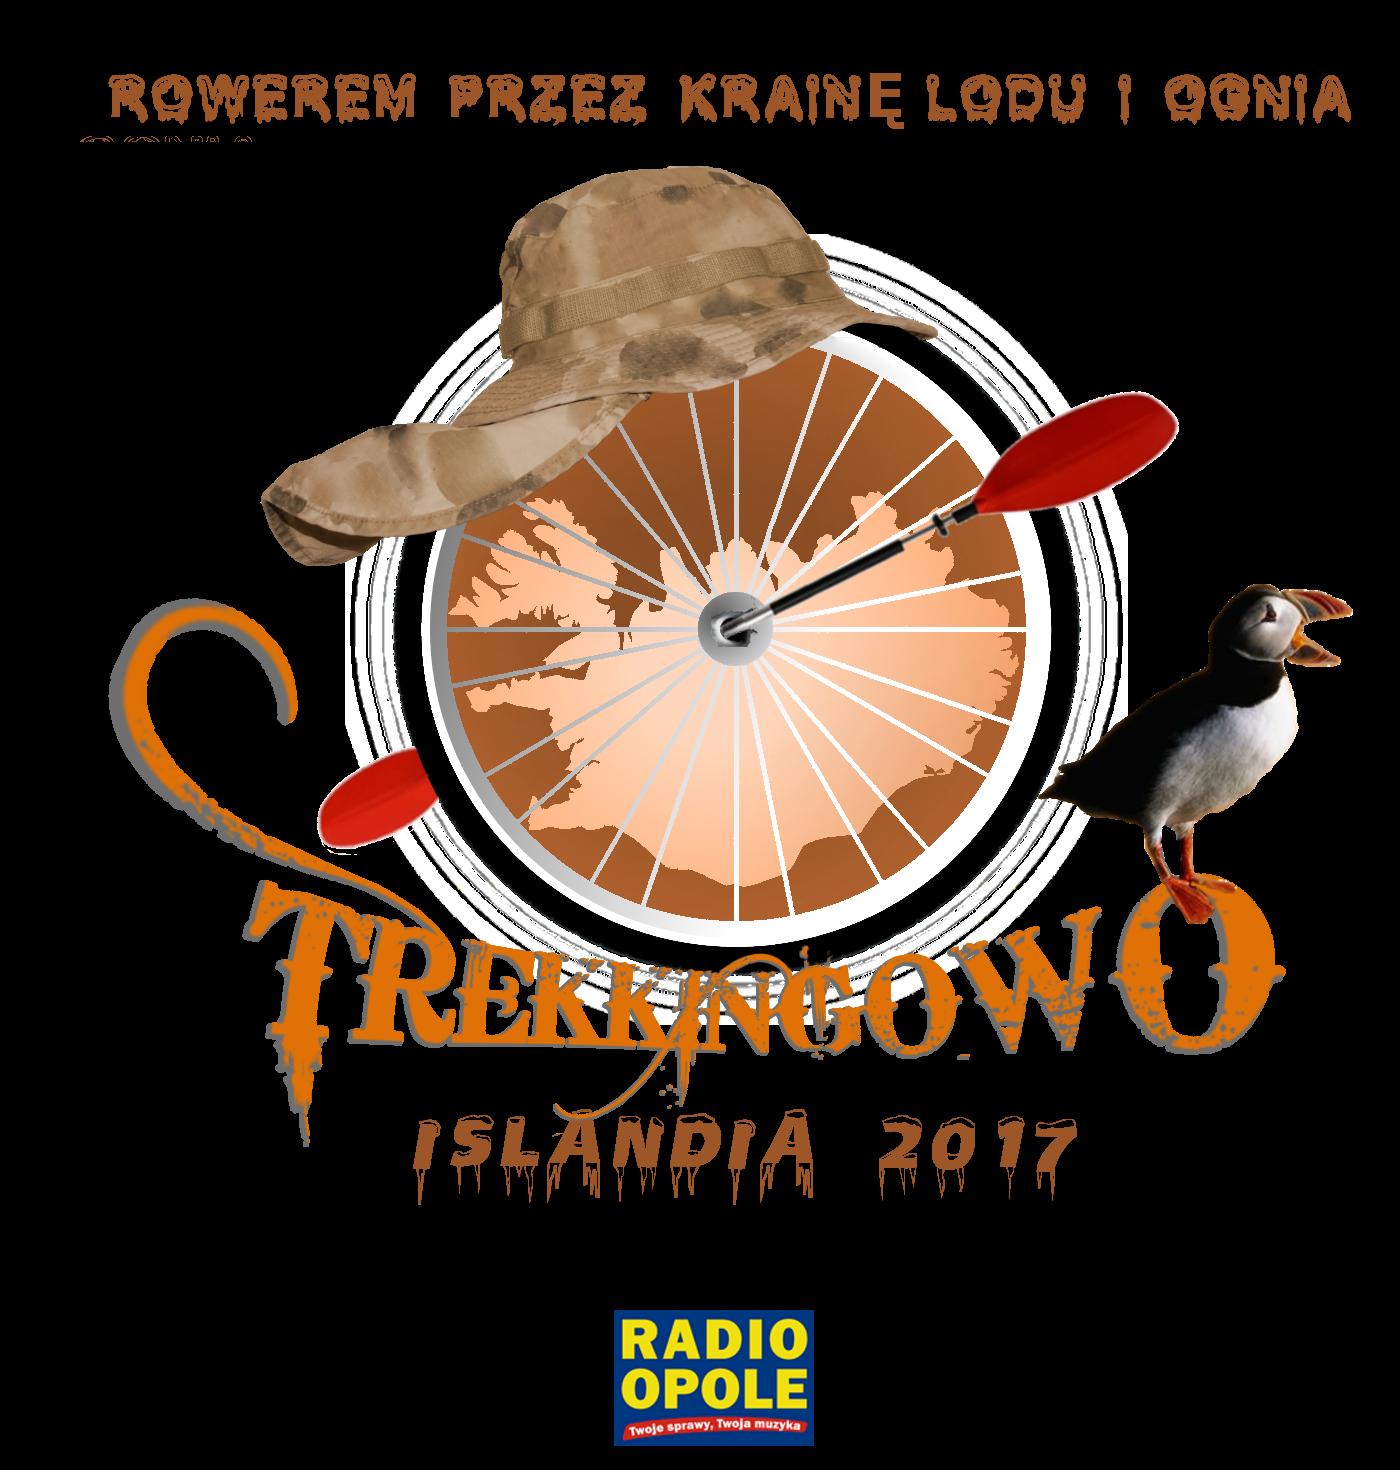 Radio Opole wyprawie 'Rowerem przez krainę lodu i ognia. Islandia 2017' patronuje medialnie